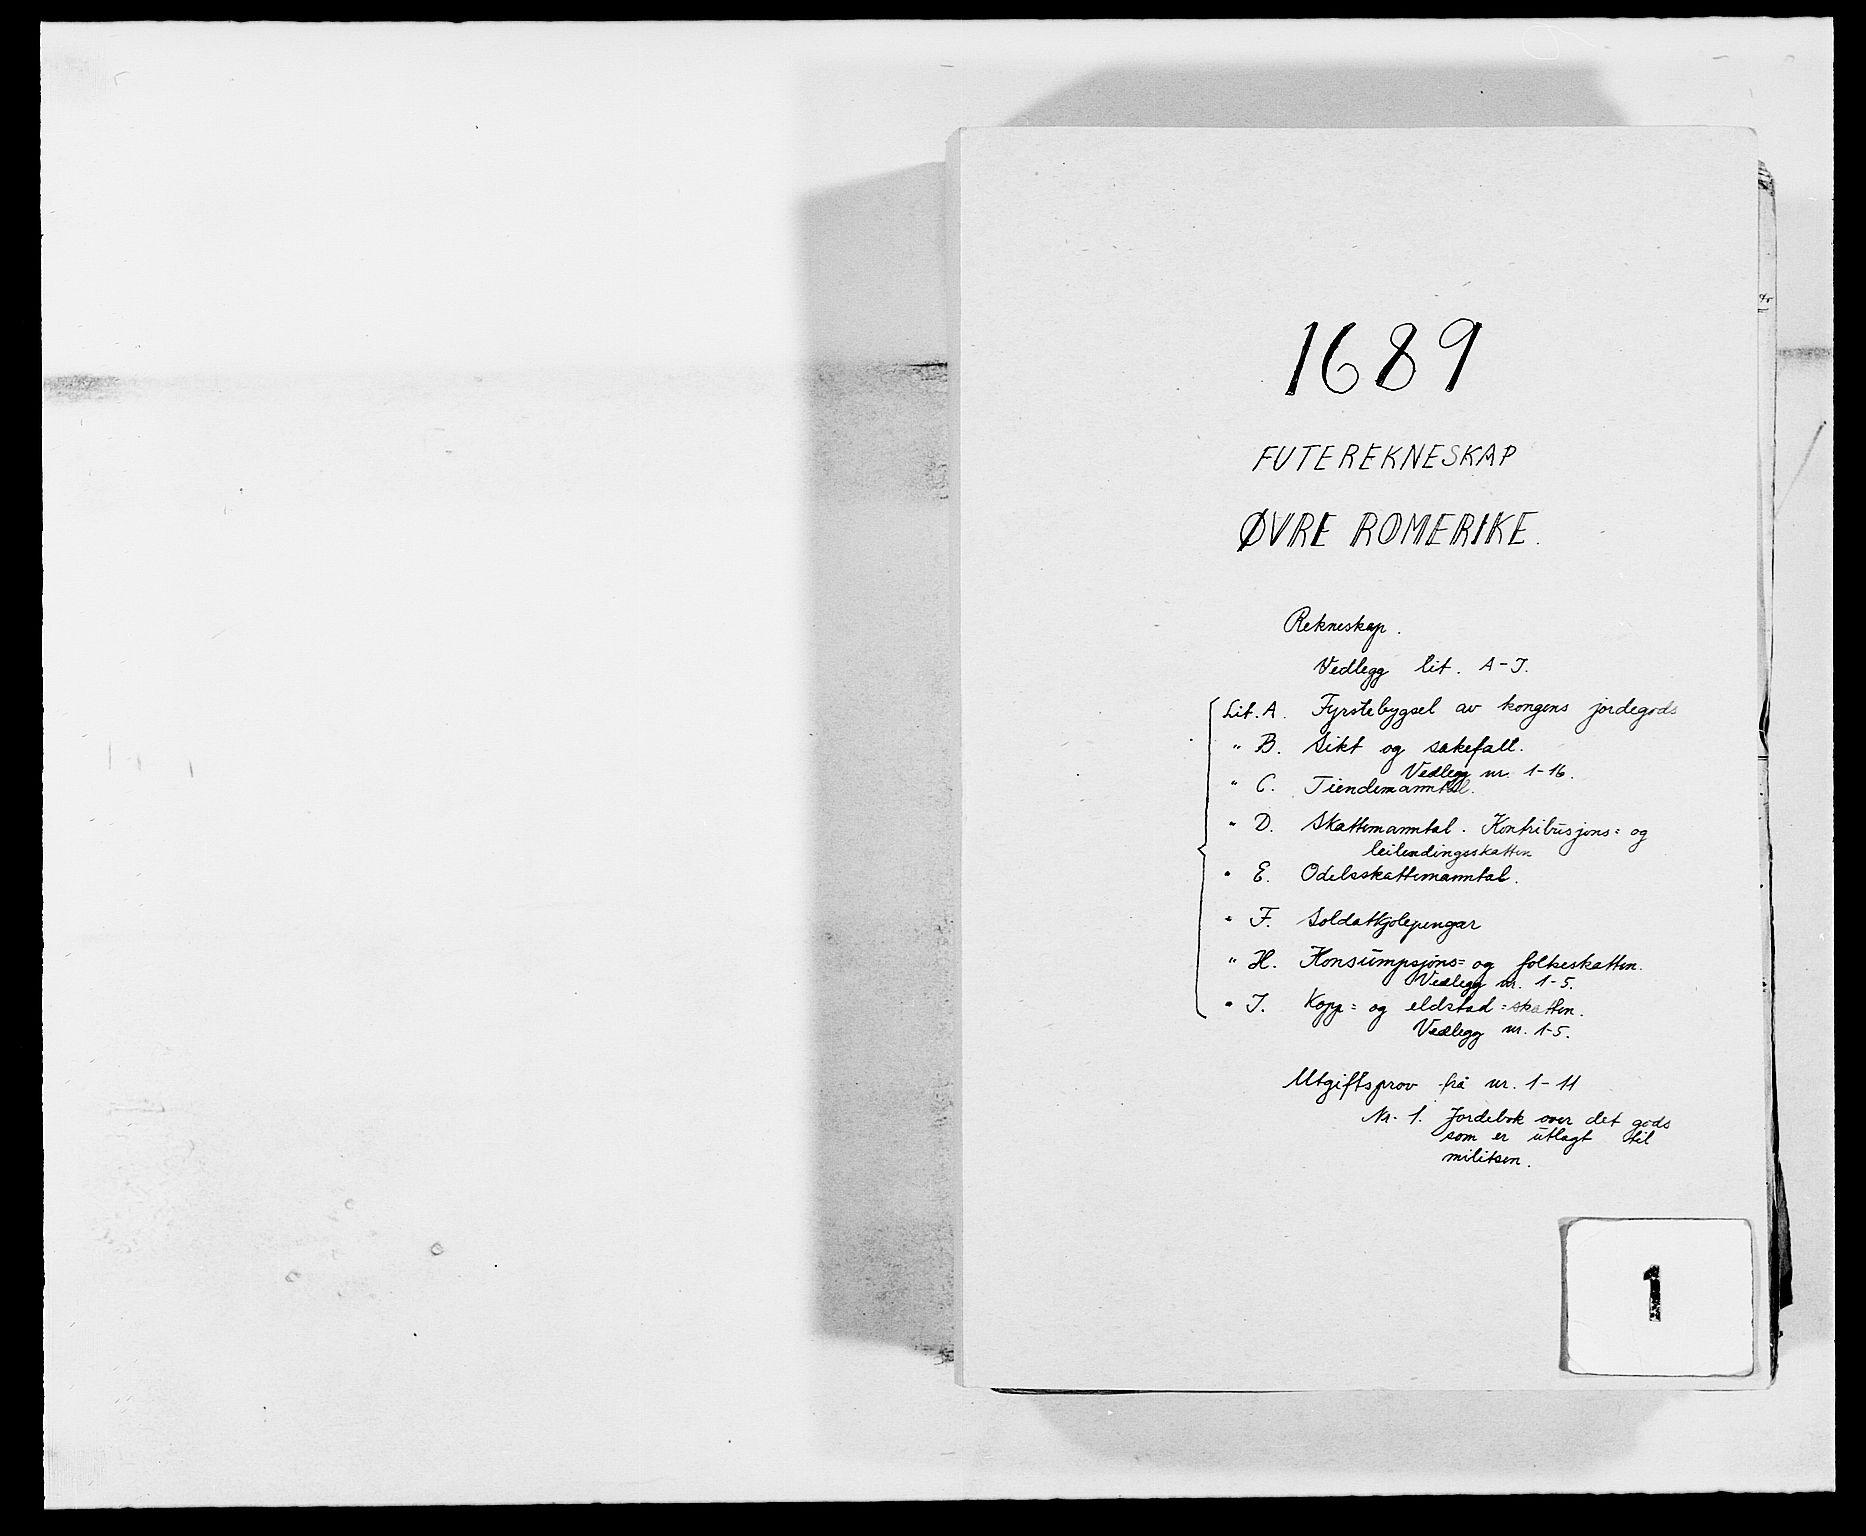 RA, Rentekammeret inntil 1814, Reviderte regnskaper, Fogderegnskap, R12/L0701: Fogderegnskap Øvre Romerike, 1689, s. 1